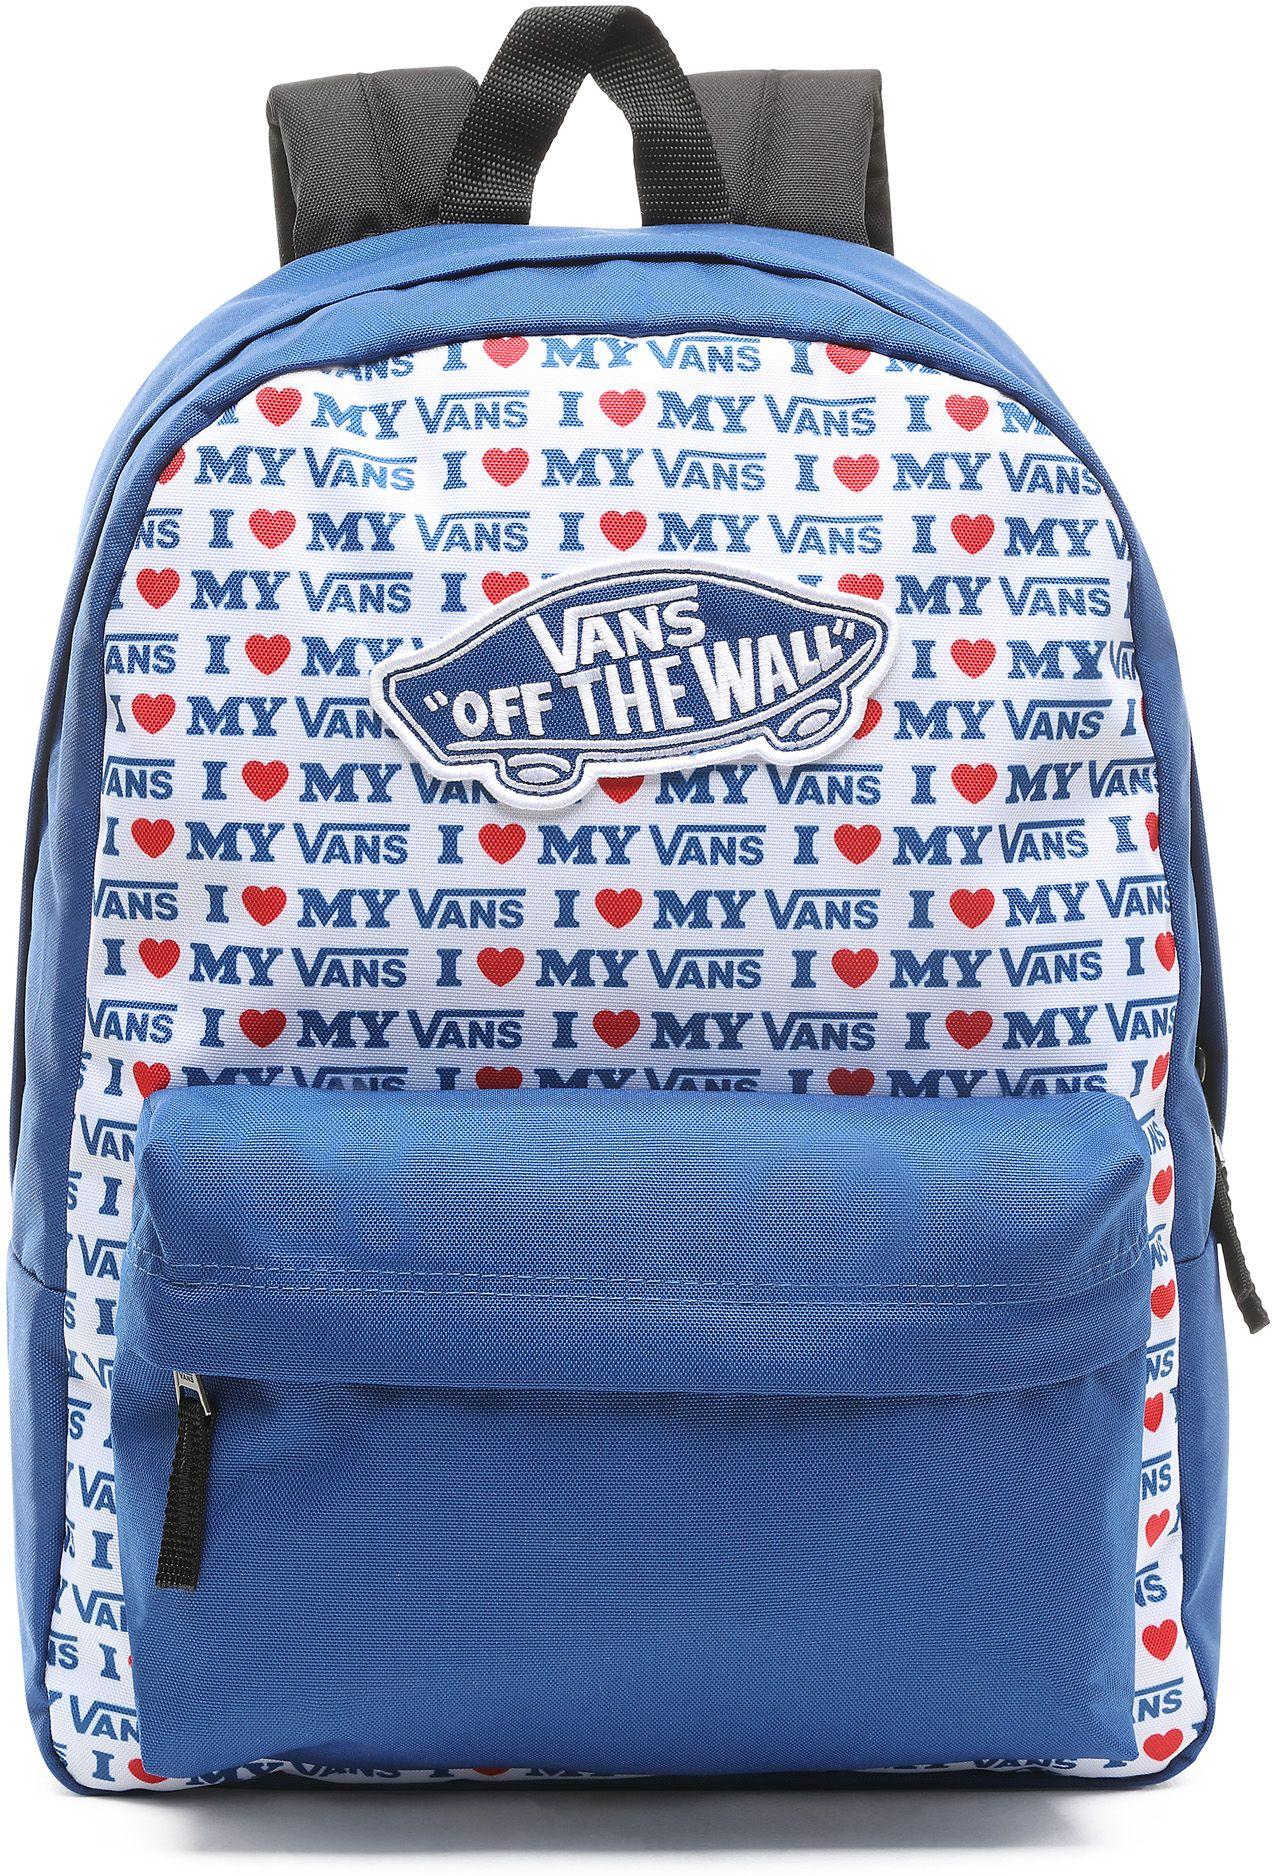 batoh VANS REALM BACKPACK True Blue/Vans Love